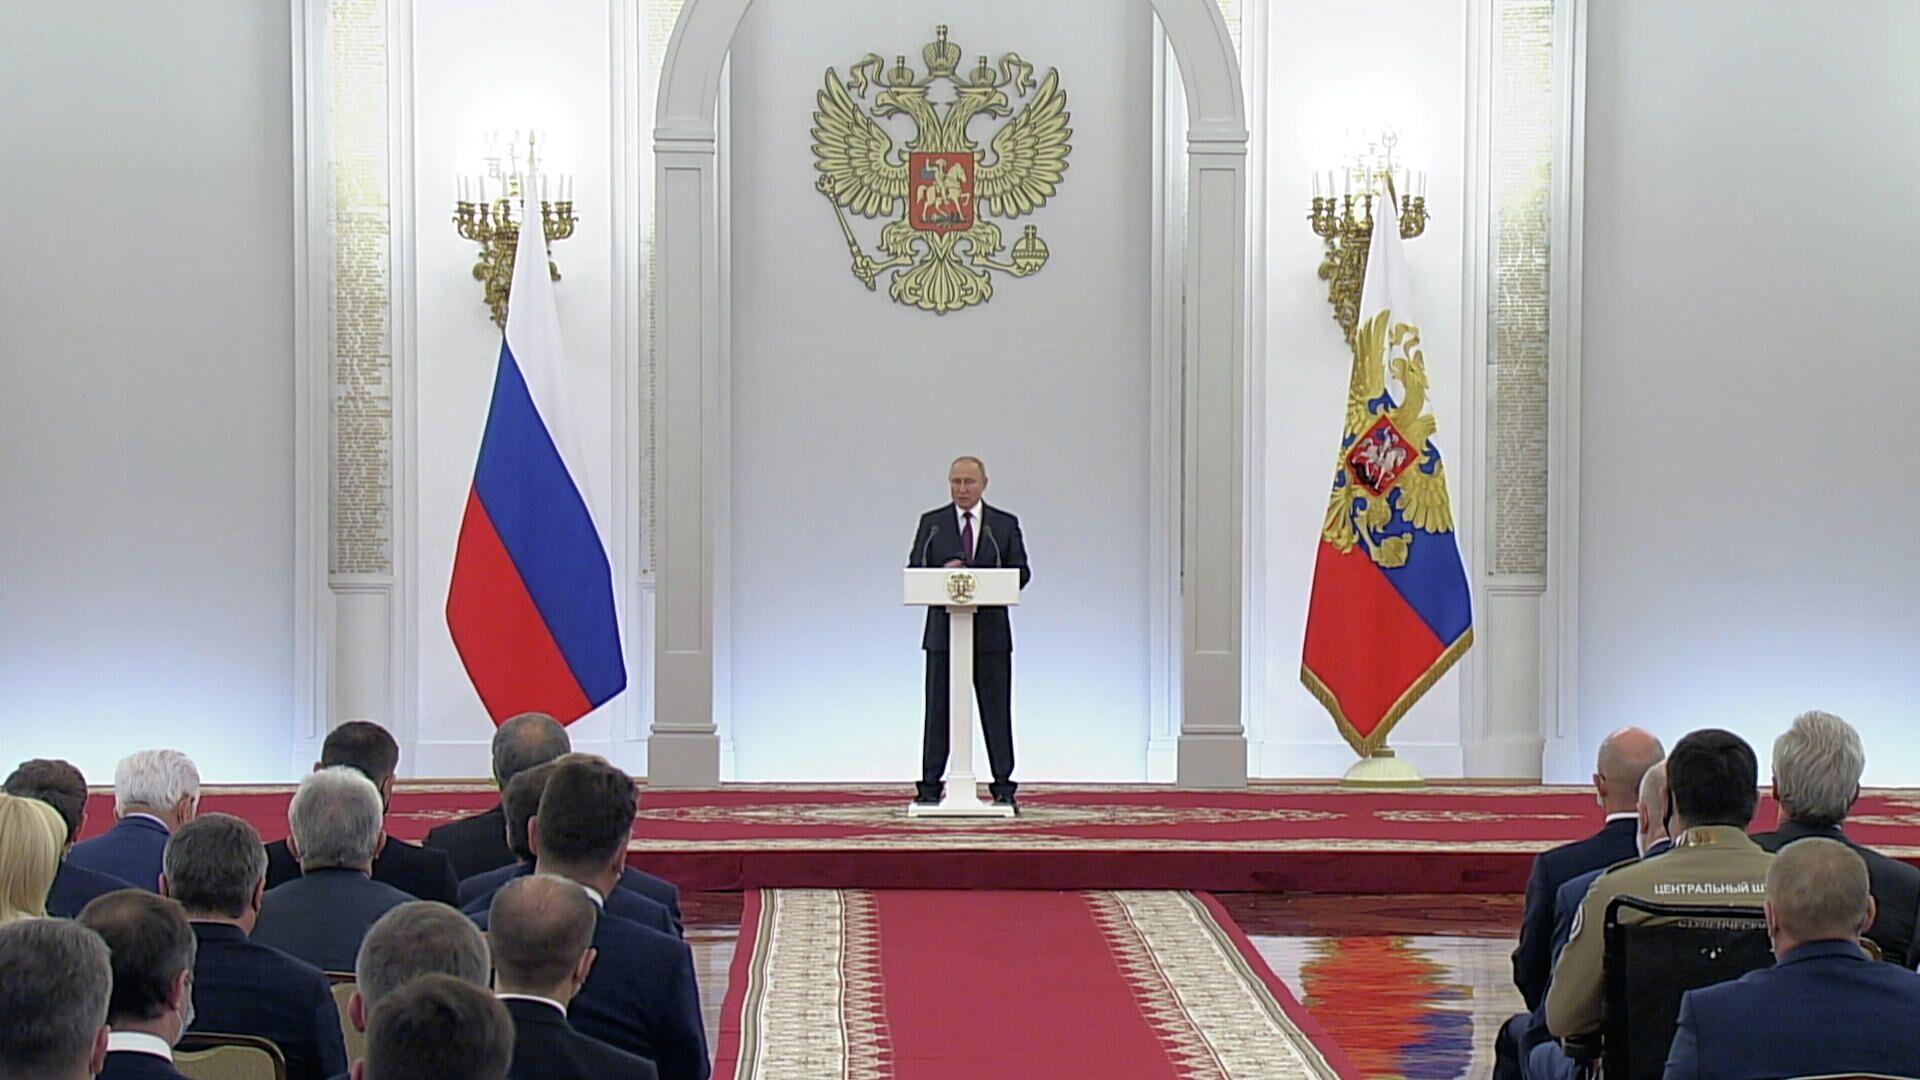 Путин: Главный наш враг – это низкие доходы наших граждан, миллионов наших людей - РИА Новости, 1920, 12.10.2021